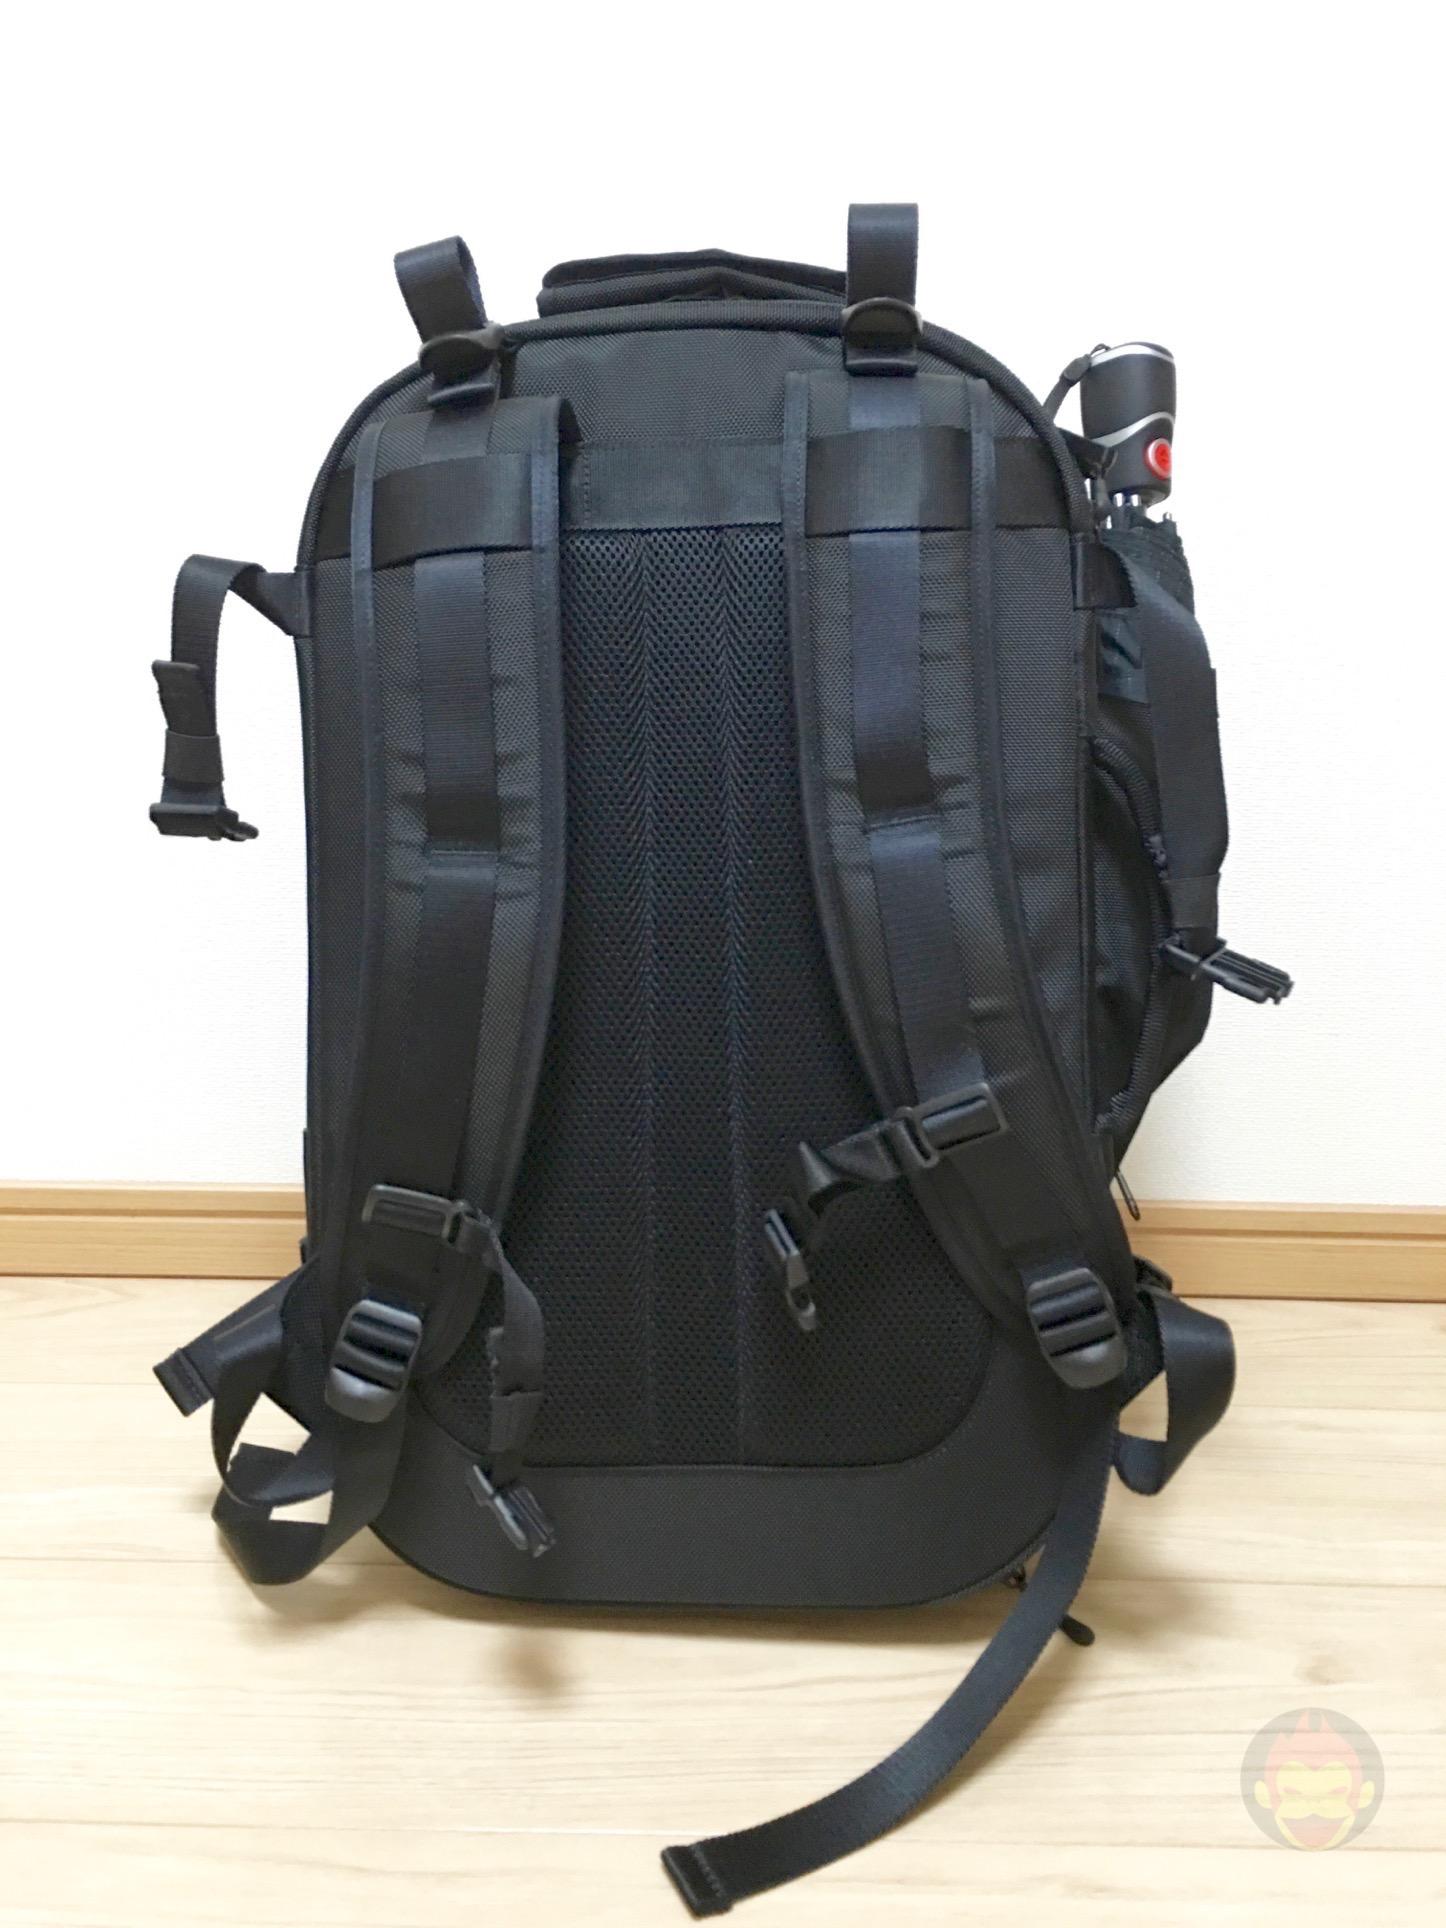 Aer-Travel-BackPack-on-Kickstarter-04.jpg